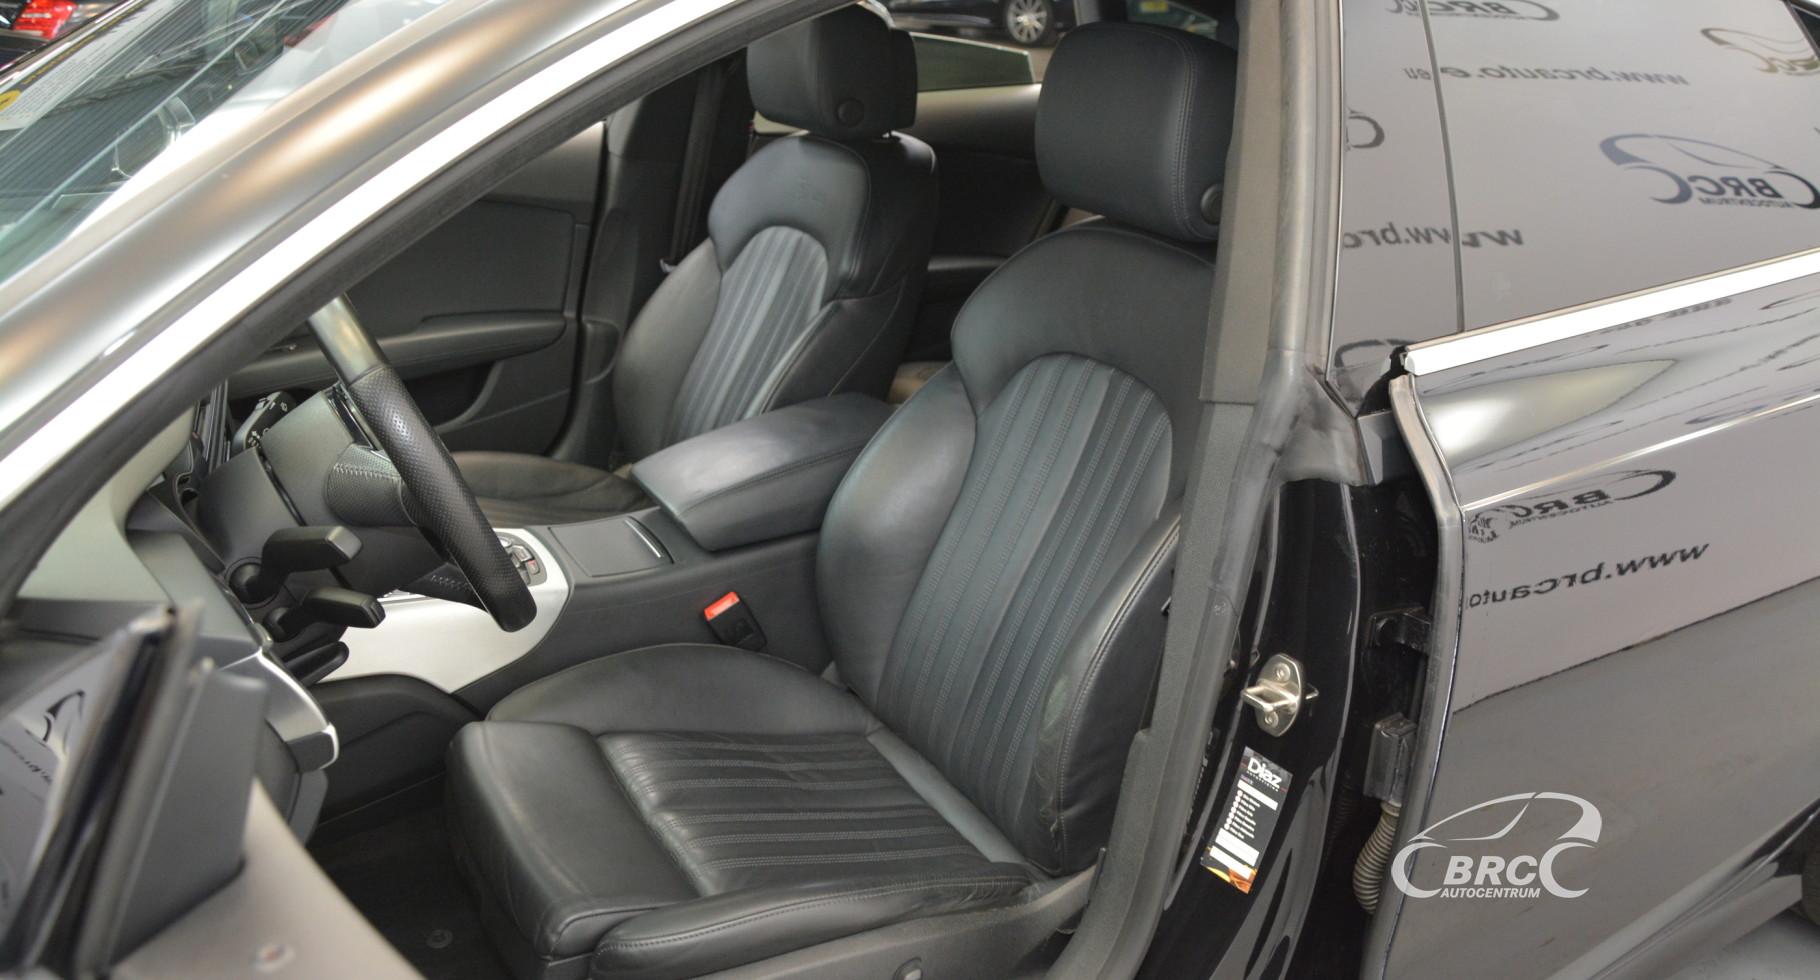 Audi A7 3.0 TDI Quattro S-line Automatas